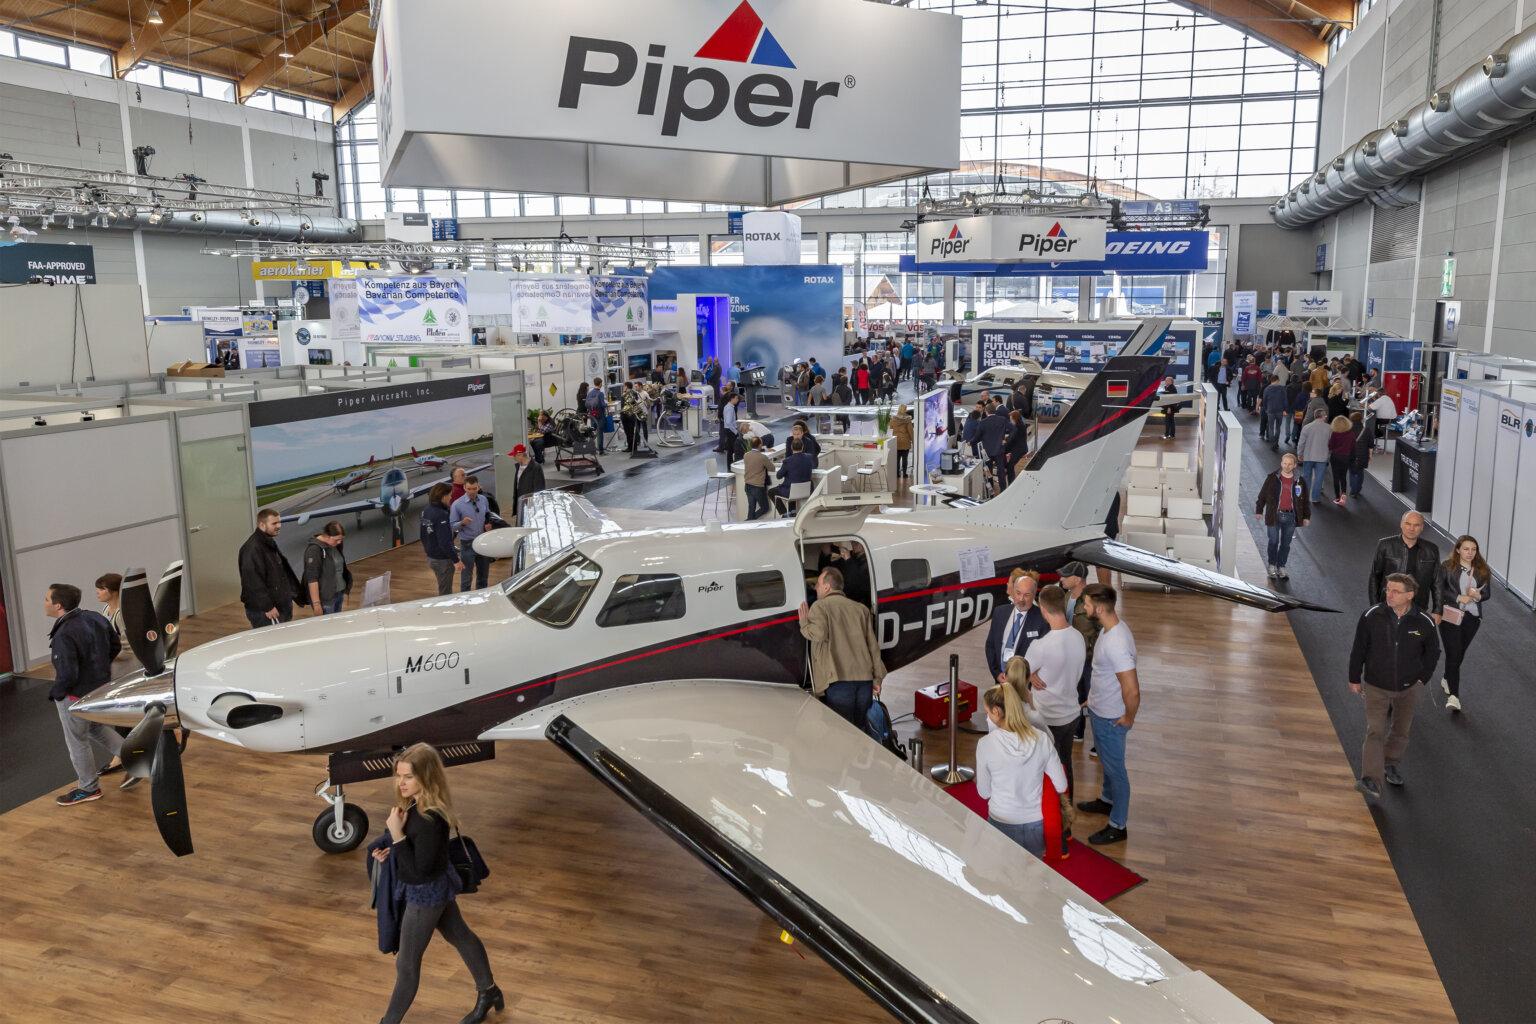 Выставка авиации общего назначения Aero 2021 Friedrichshafen в этом году вновь отменена